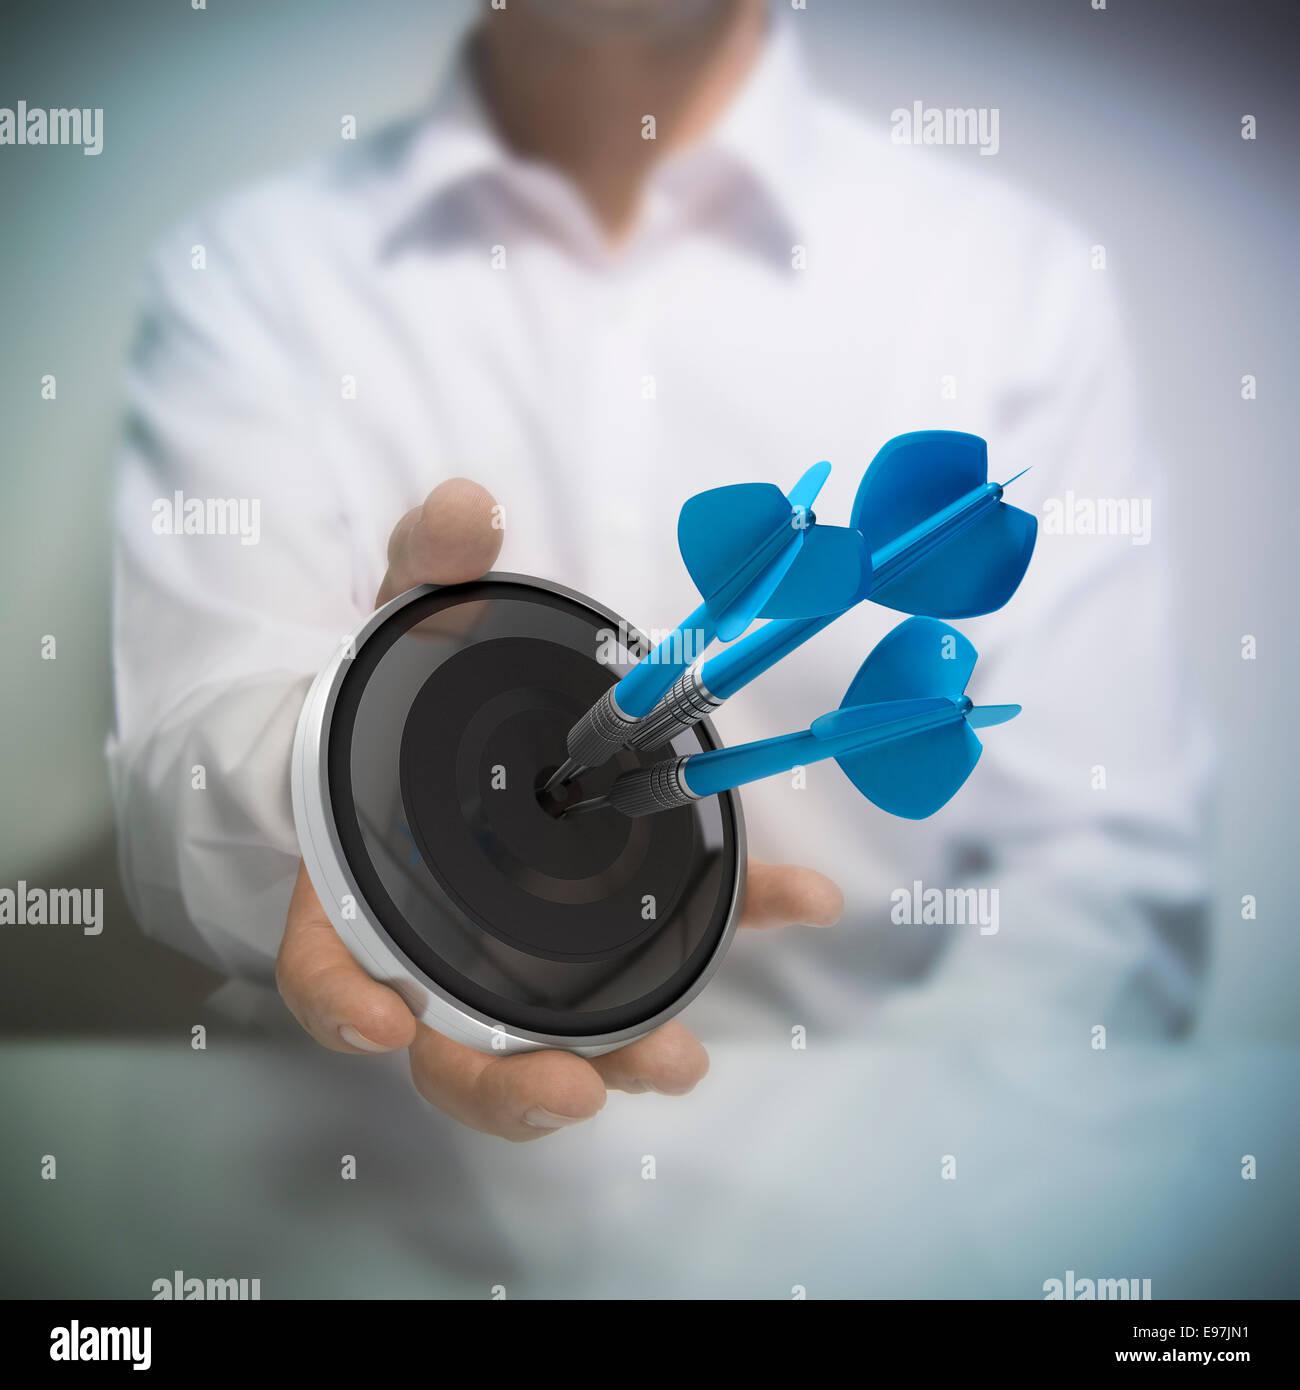 Uomo di trattenimento sul bersaglio nero con tre blu freccette di colpire il centro. Concetto di immagine per immagine Immagini Stock